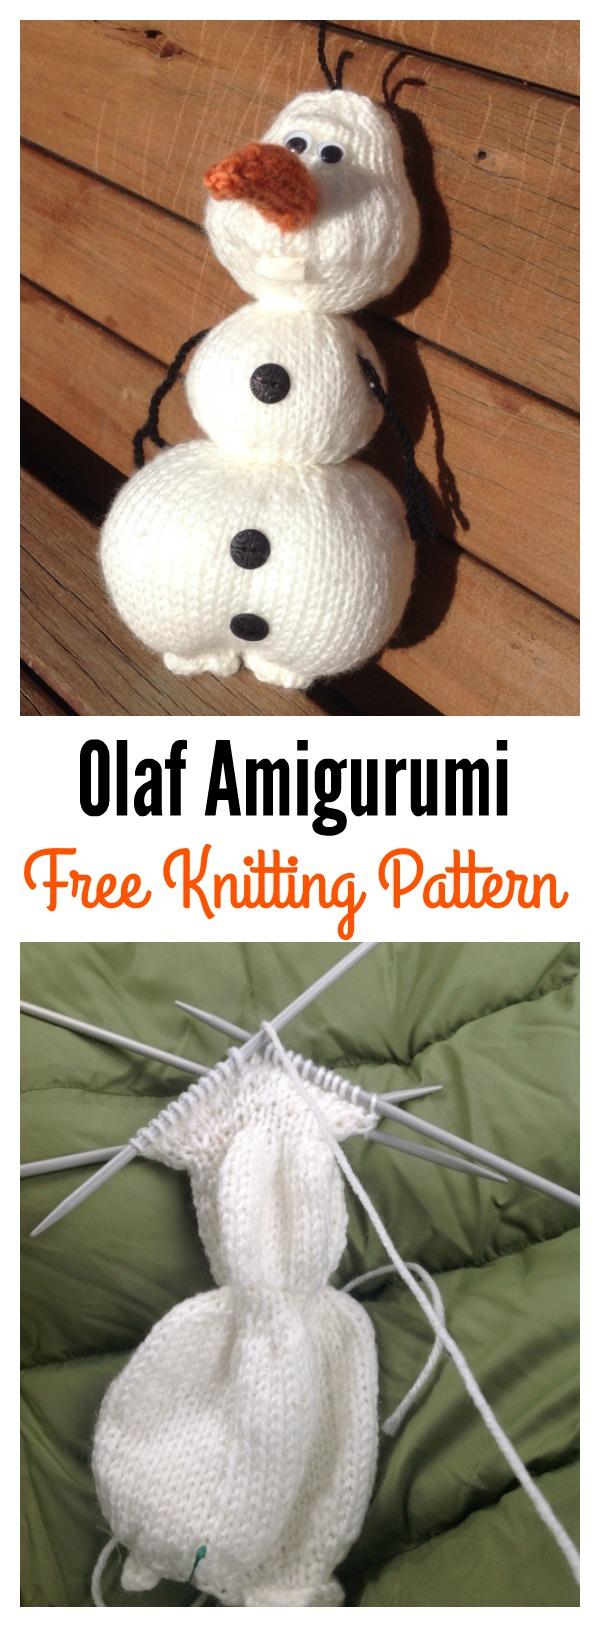 Olaf from Frozen Crochet Amigurumi Pattern | Crochet olaf, Frozen ... | 1627x600